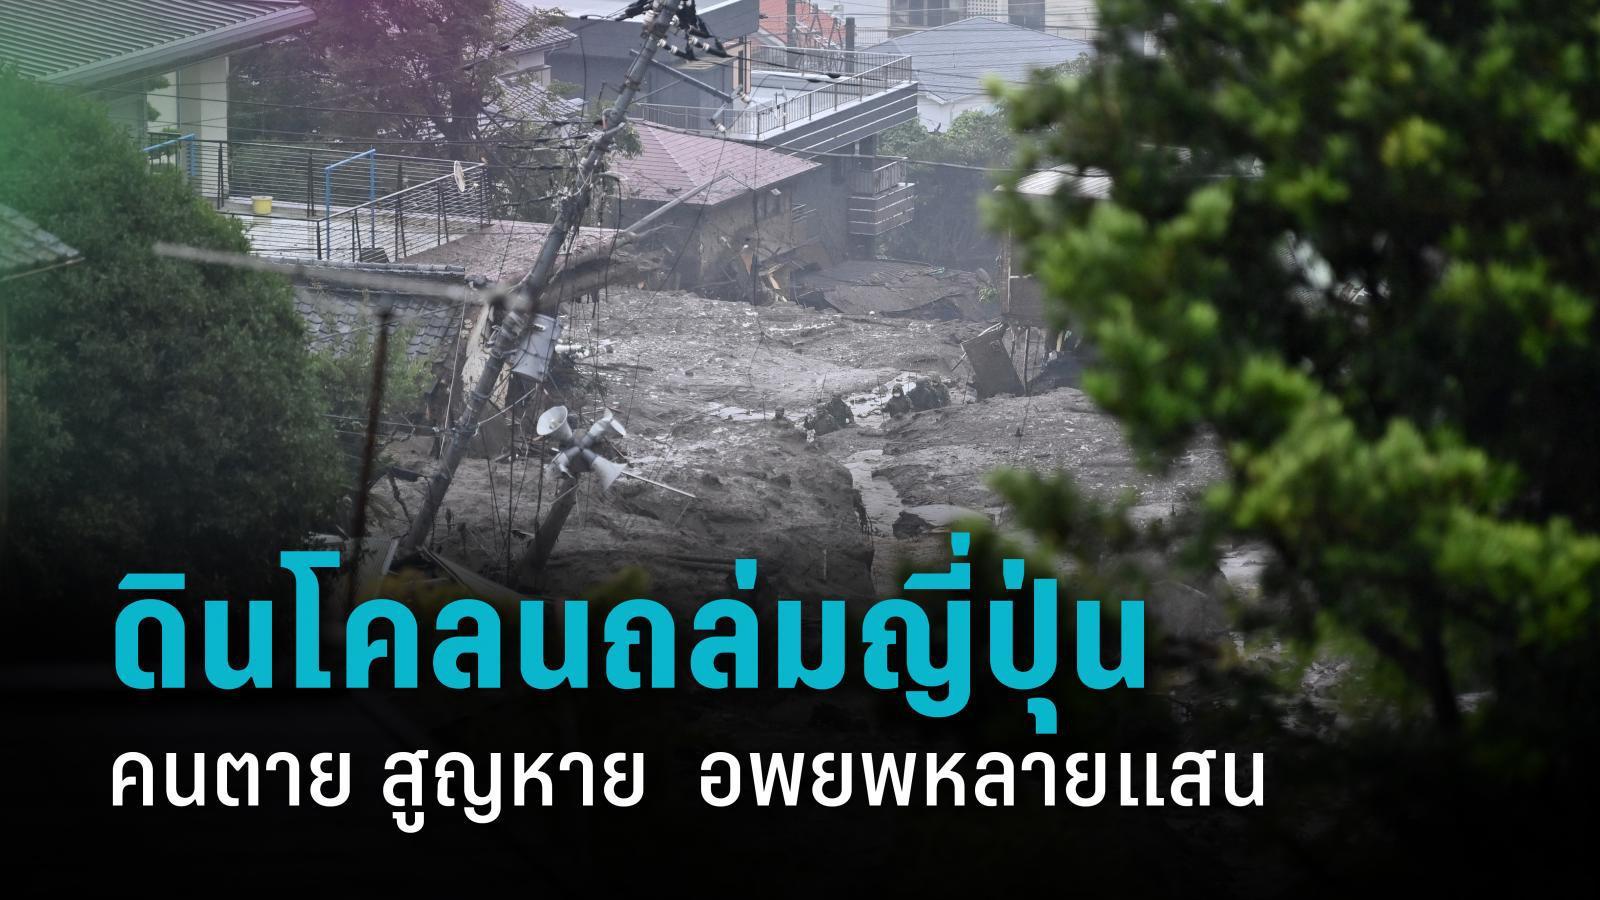 """ภาพ """"ดินถล่มญี่ปุ่น""""   สูญหายนับสิบ เสียชีวิต อาคาร บ้านเรือนพัง อพยพอีกหลายแสน"""